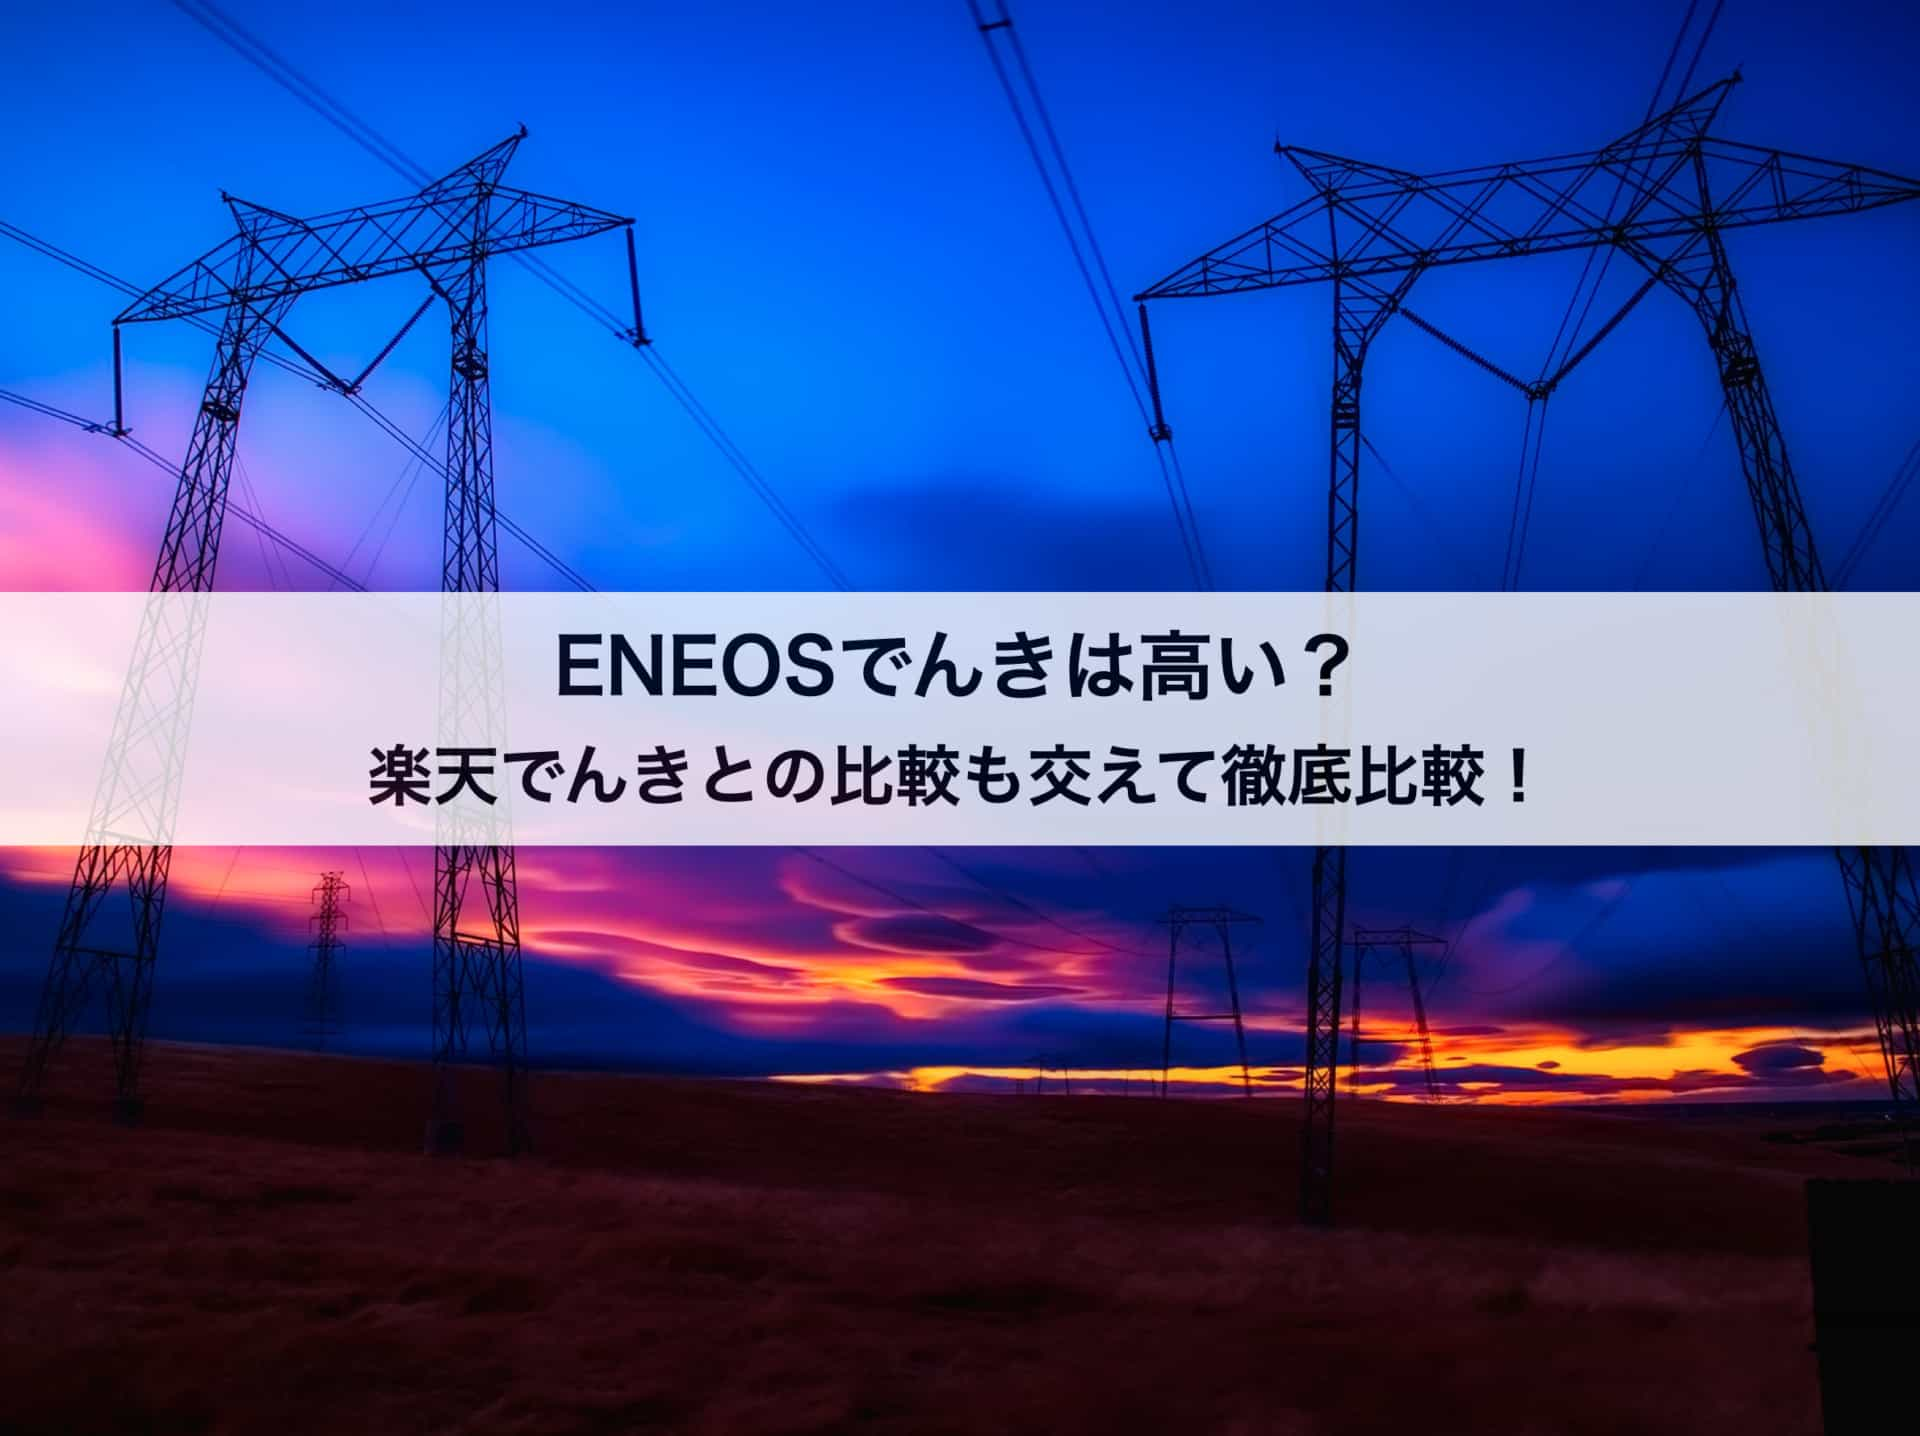 ENEOSでんきは高い?楽天でんきとの比較も交えて徹底解剖します!